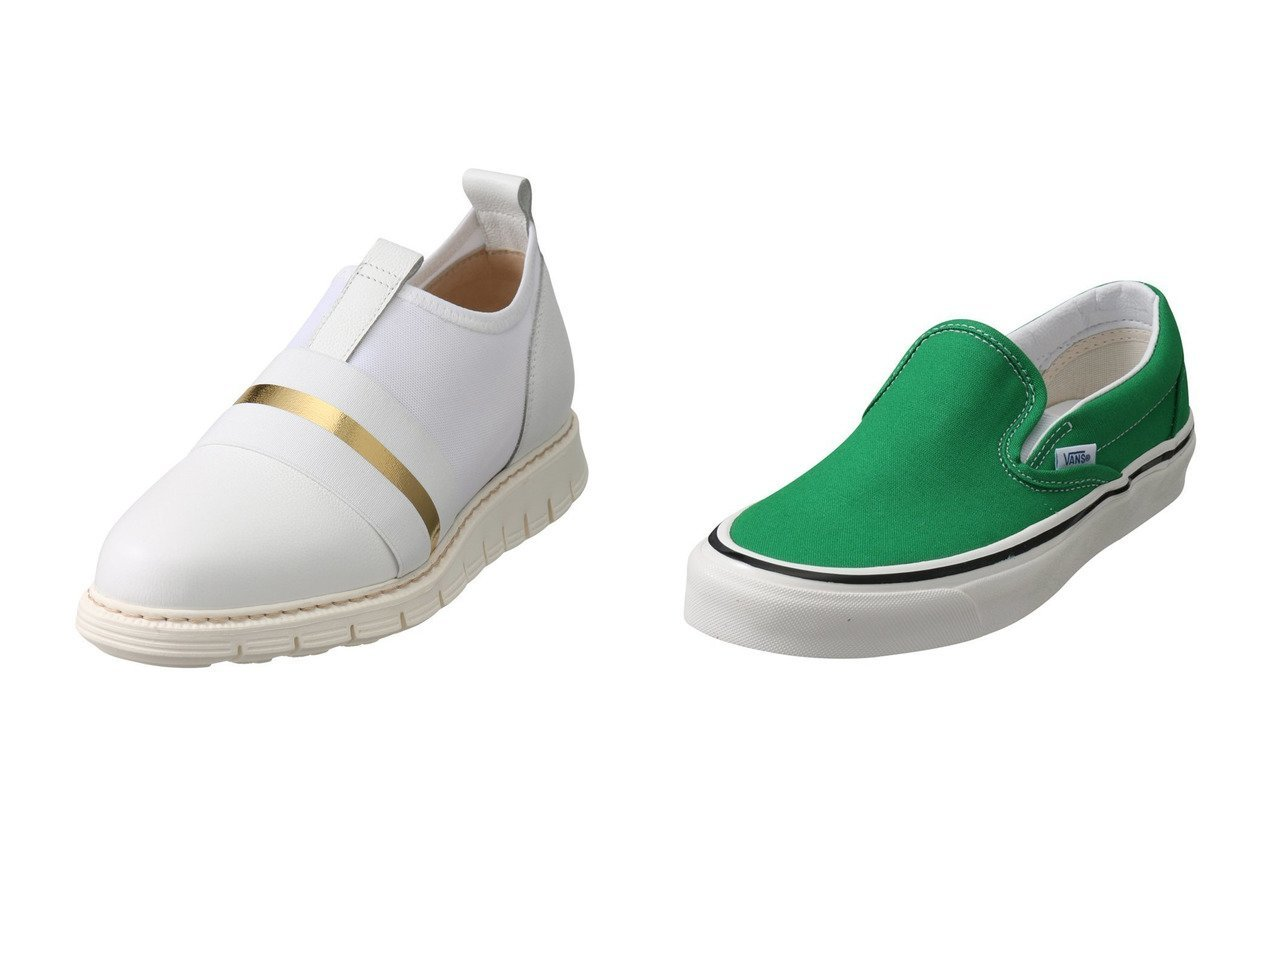 【LucaGrossi/ルカグロッシ】のエラスティックスリッポン&【JET/ジェット】の【VANS】Classic Slip-On9 【シューズ・靴】おすすめ!人気、トレンド・レディースファッションの通販  おすすめで人気の流行・トレンド、ファッションの通販商品 メンズファッション・キッズファッション・インテリア・家具・レディースファッション・服の通販 founy(ファニー) https://founy.com/ ファッション Fashion レディースファッション WOMEN コンビ シューズ スリッポン デニム フラット メッシュ |ID:crp329100000034613